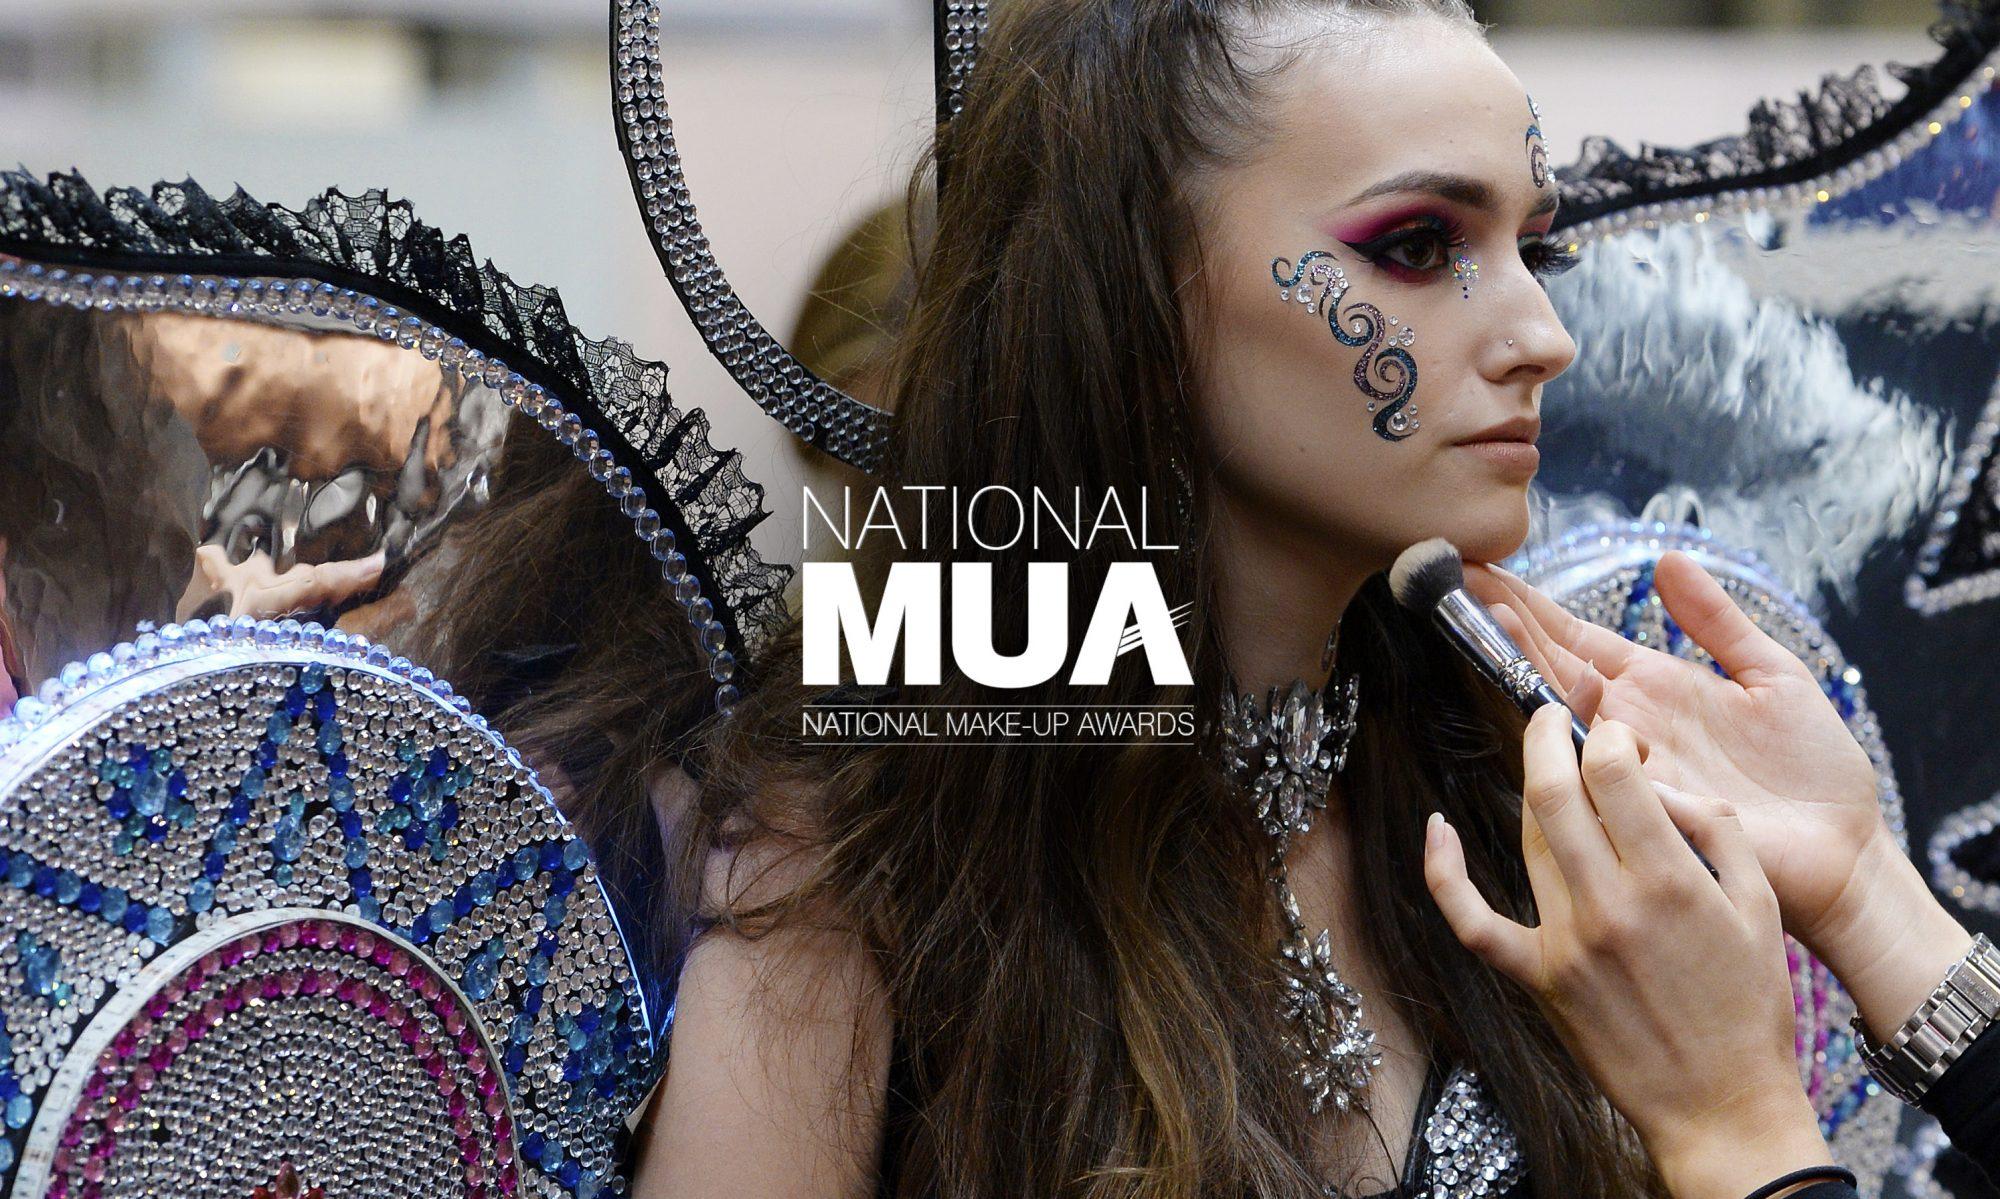 The National Makeup Awards